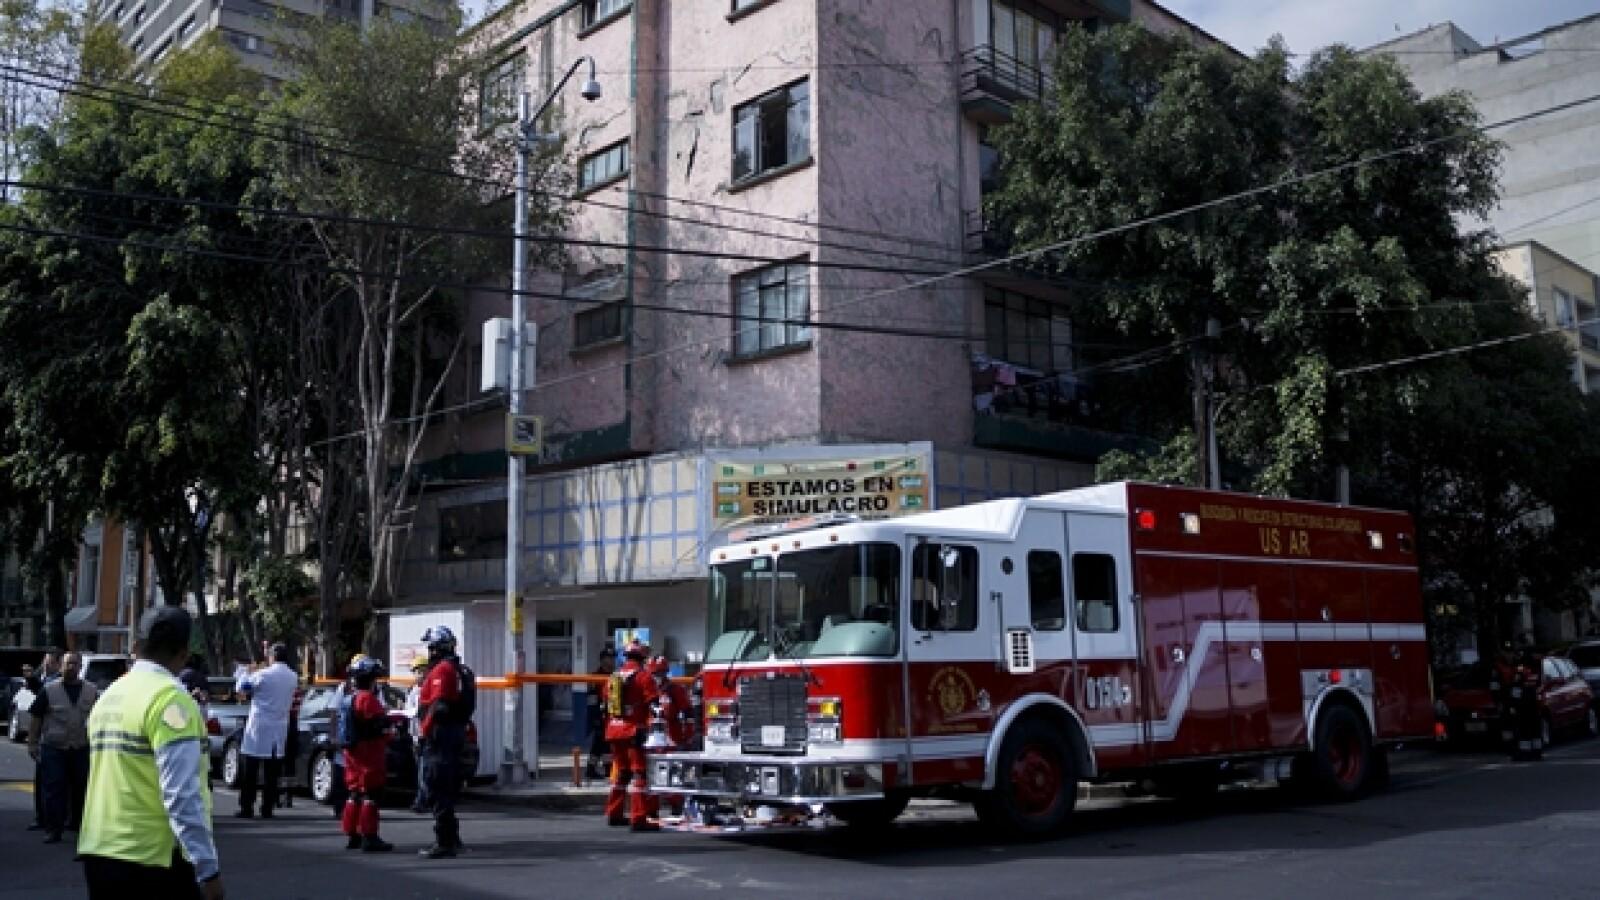 bomberos macrosimulacro ciudad de mexico